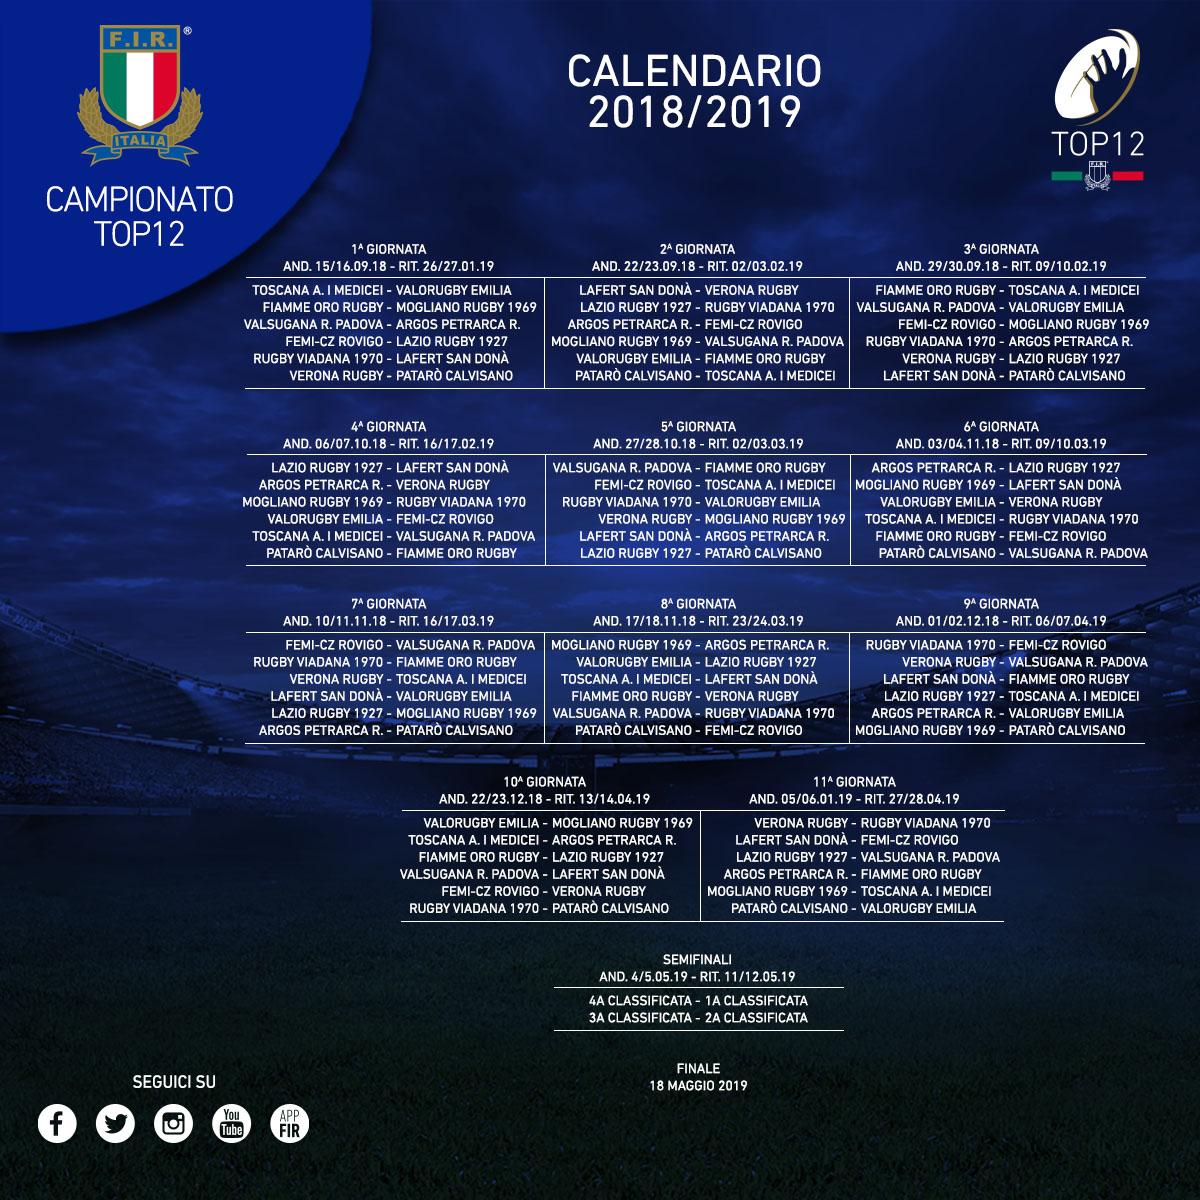 Calendario Serie B 18 19.Mogliano Rugby 1969